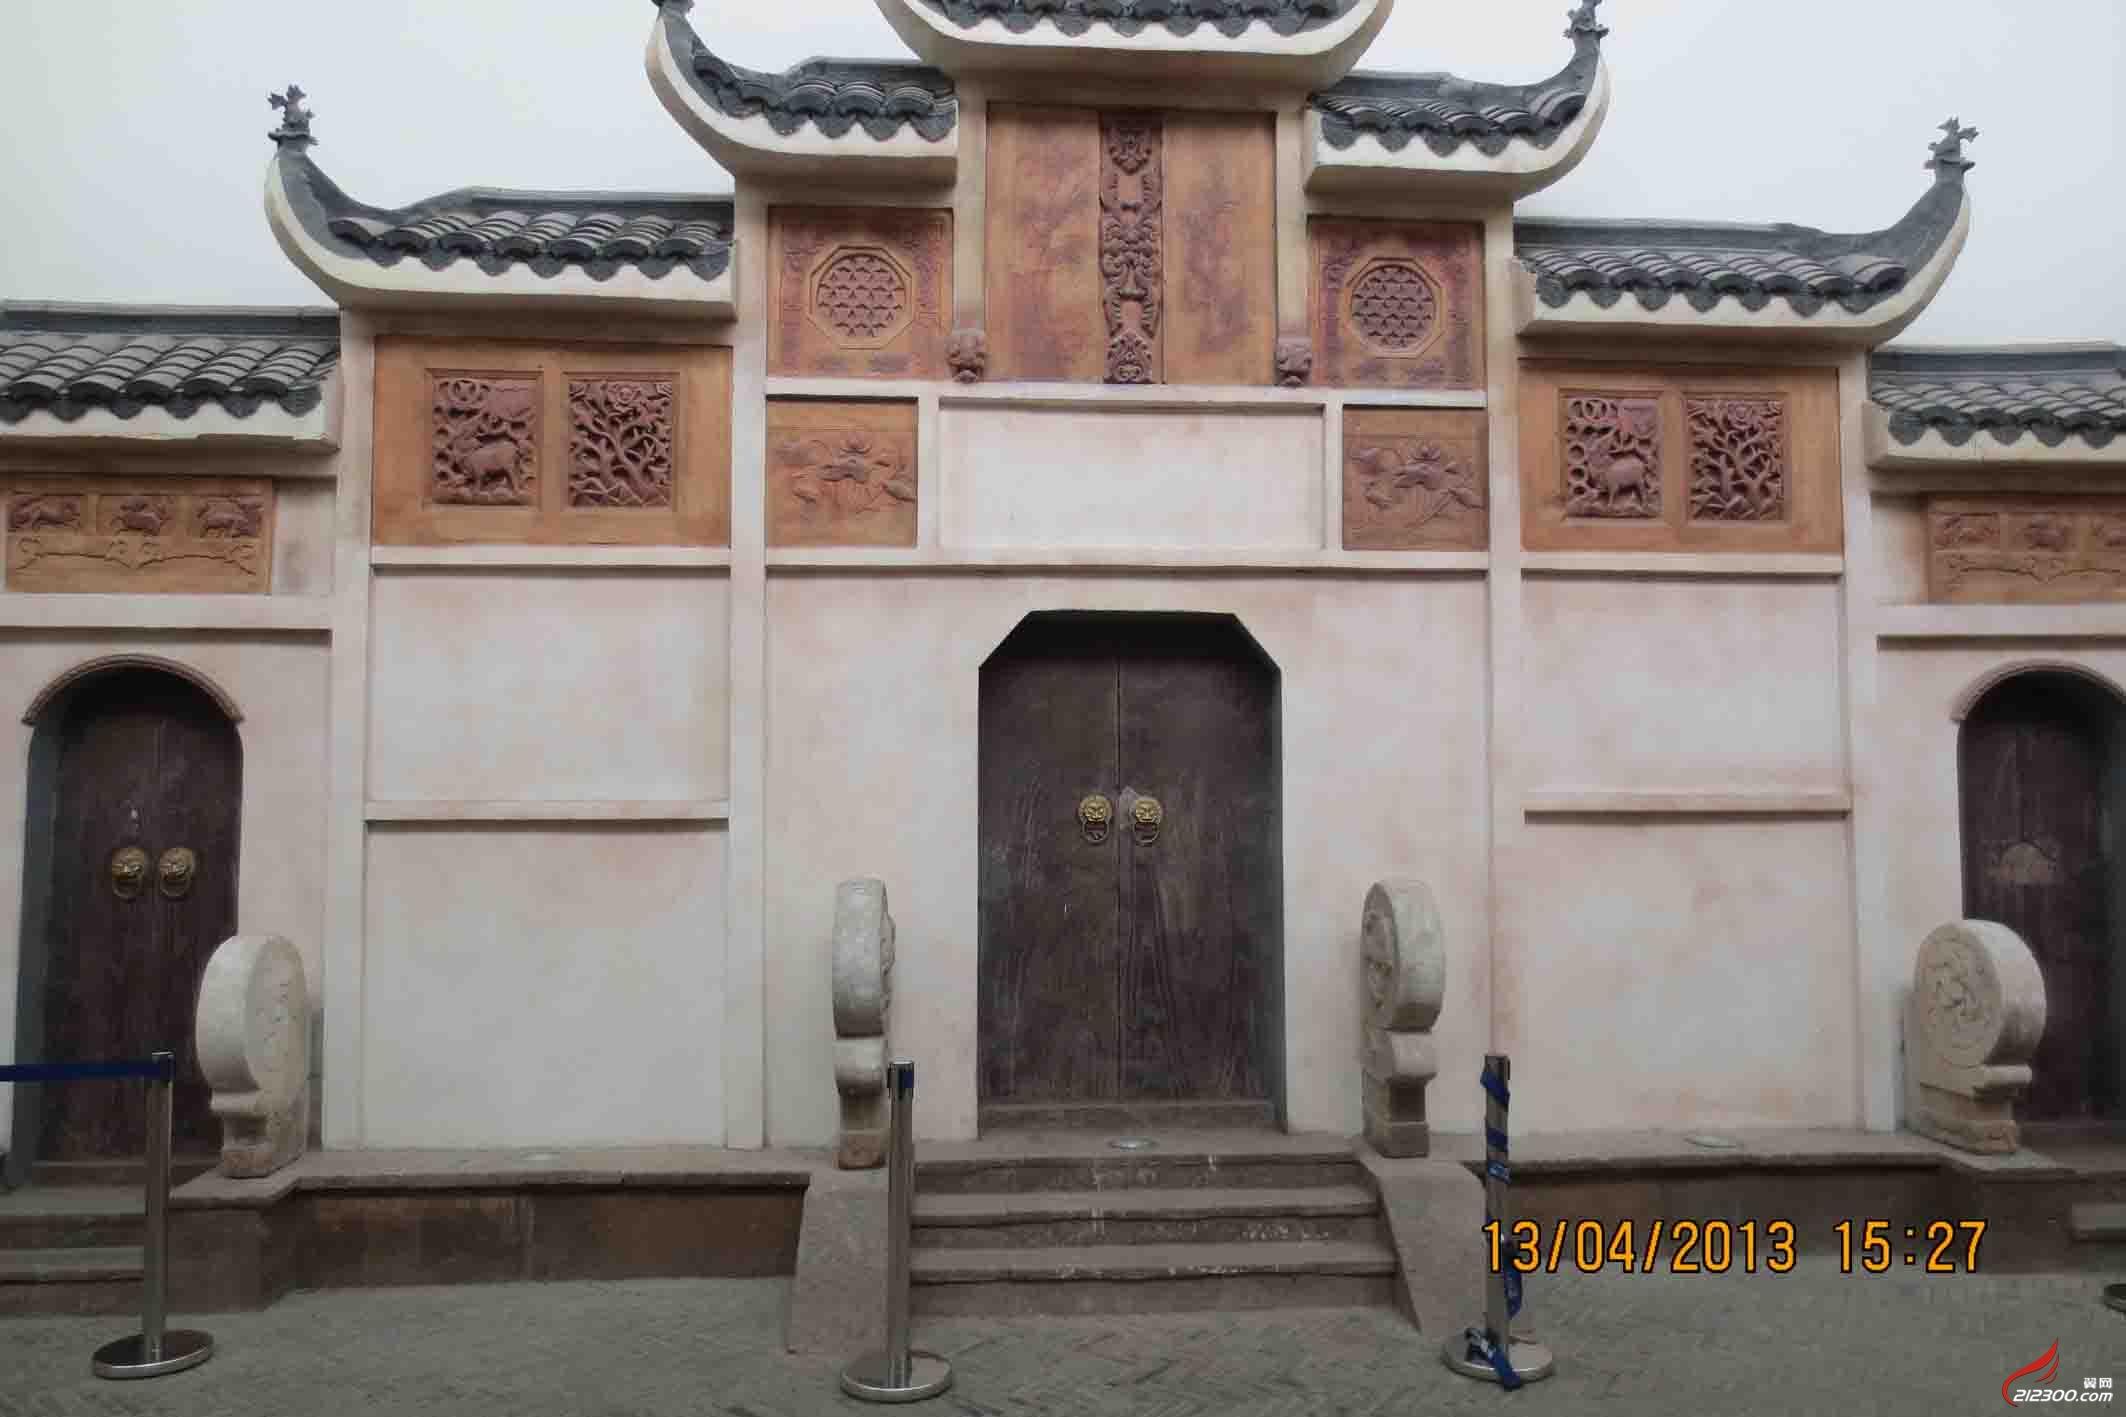 天地石刻园游记|导墅镇-丹阳翼网 - powered by .